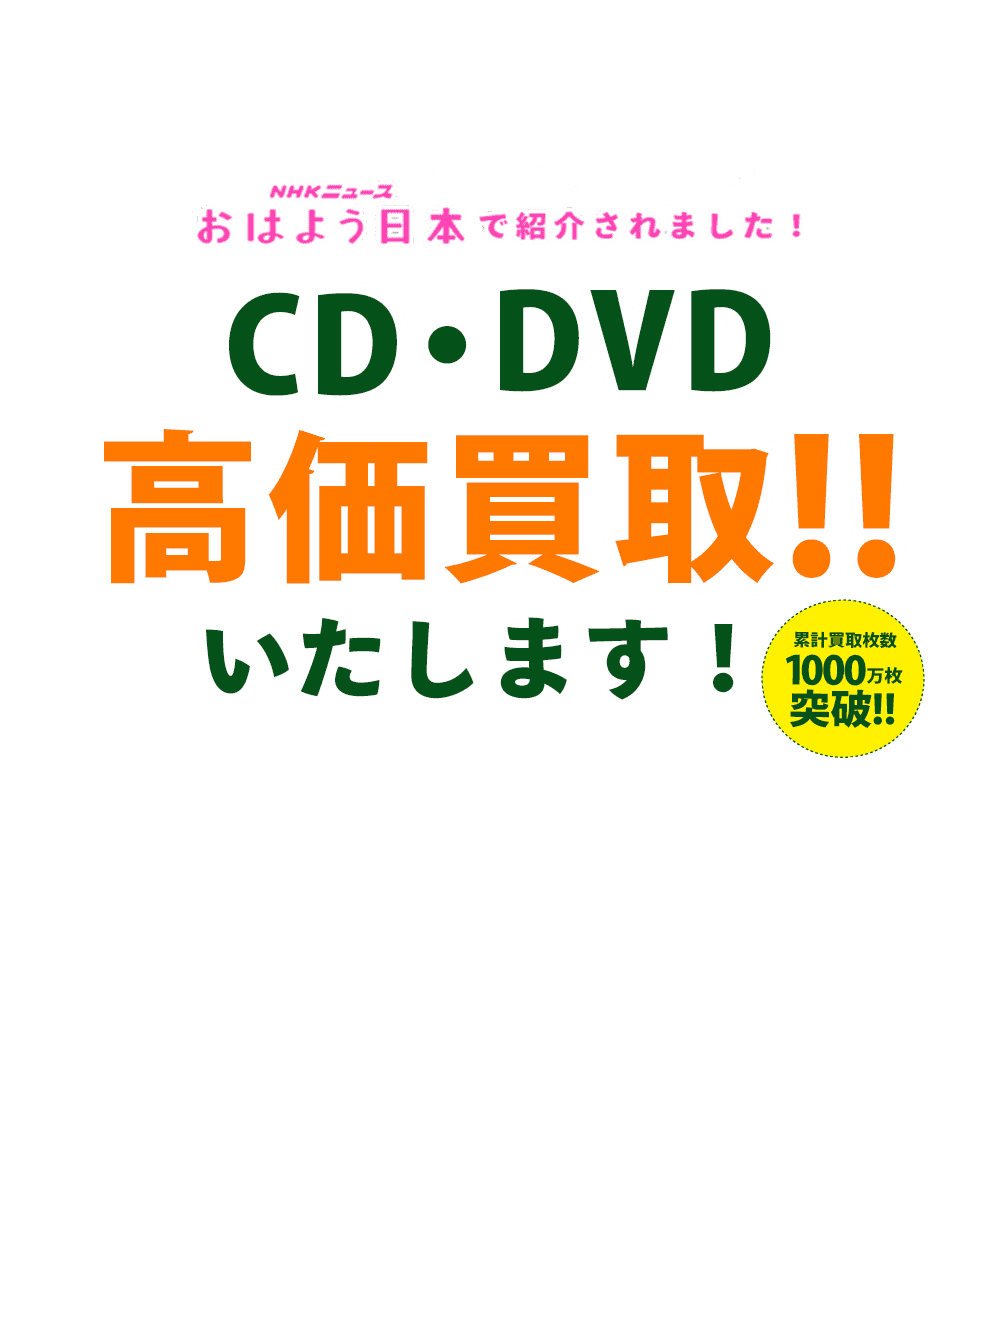 CD高価買取はエコストアレコード!宅配送料無料で買取致します!アプリで簡単♪CD仮査定致します。キャンセル返送料も無料です!